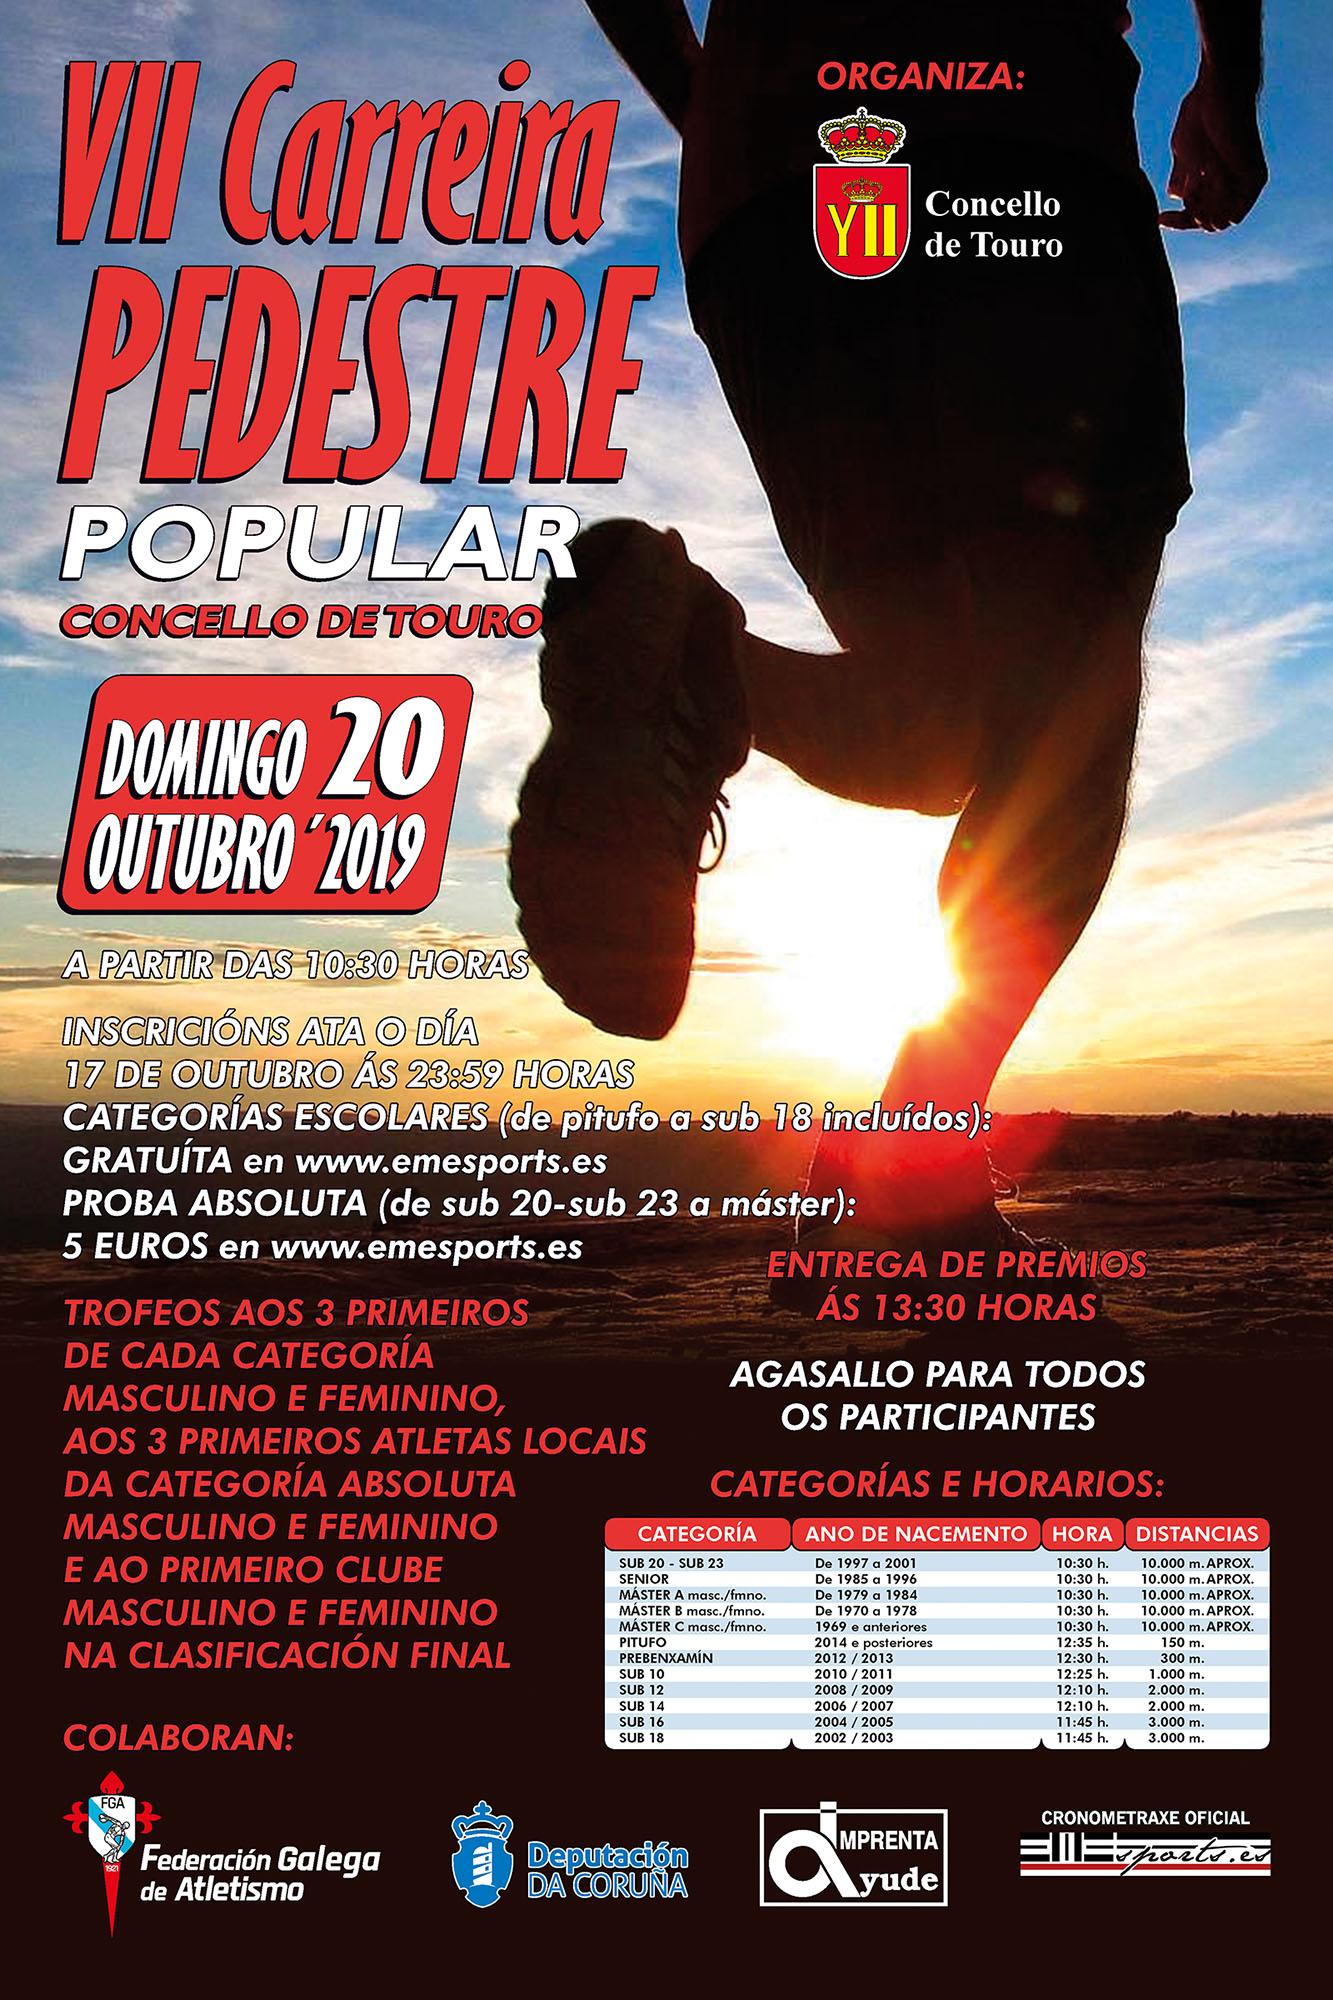 CARREIRA PEDESTRE POPULAR CONCELLO DE TOURO DÍA 20-OUTUBRO-2019